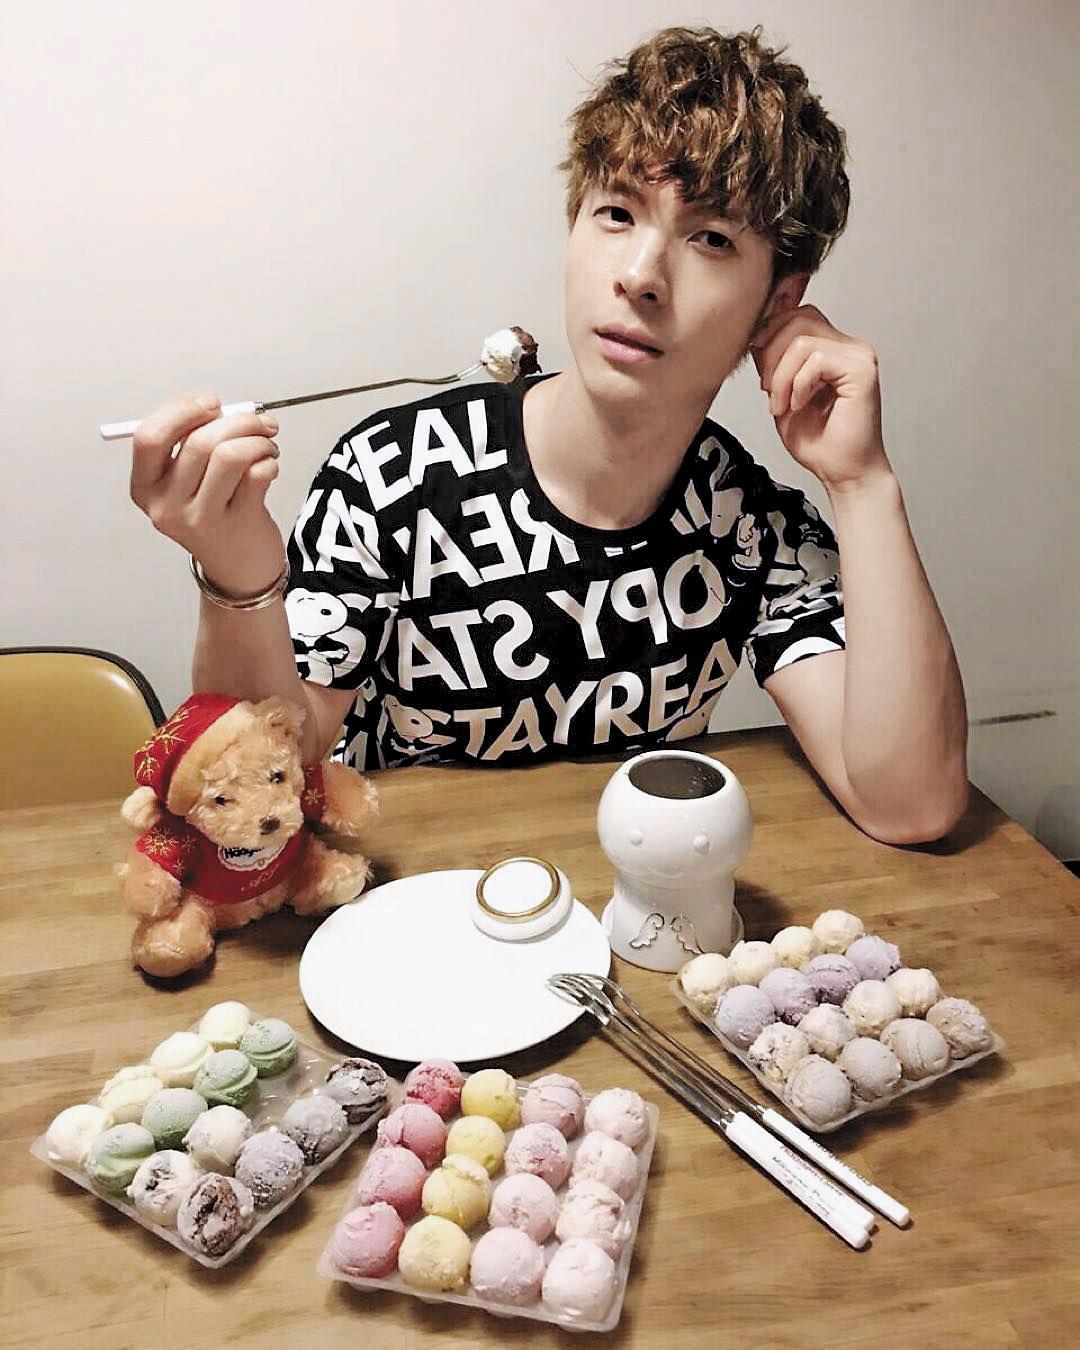 陳勢安喜歡嘗試各種美食,連冰淇淋巧克力鍋等甜點也愛,不怕熱量太高發胖。 (翻攝自陳勢安IG)